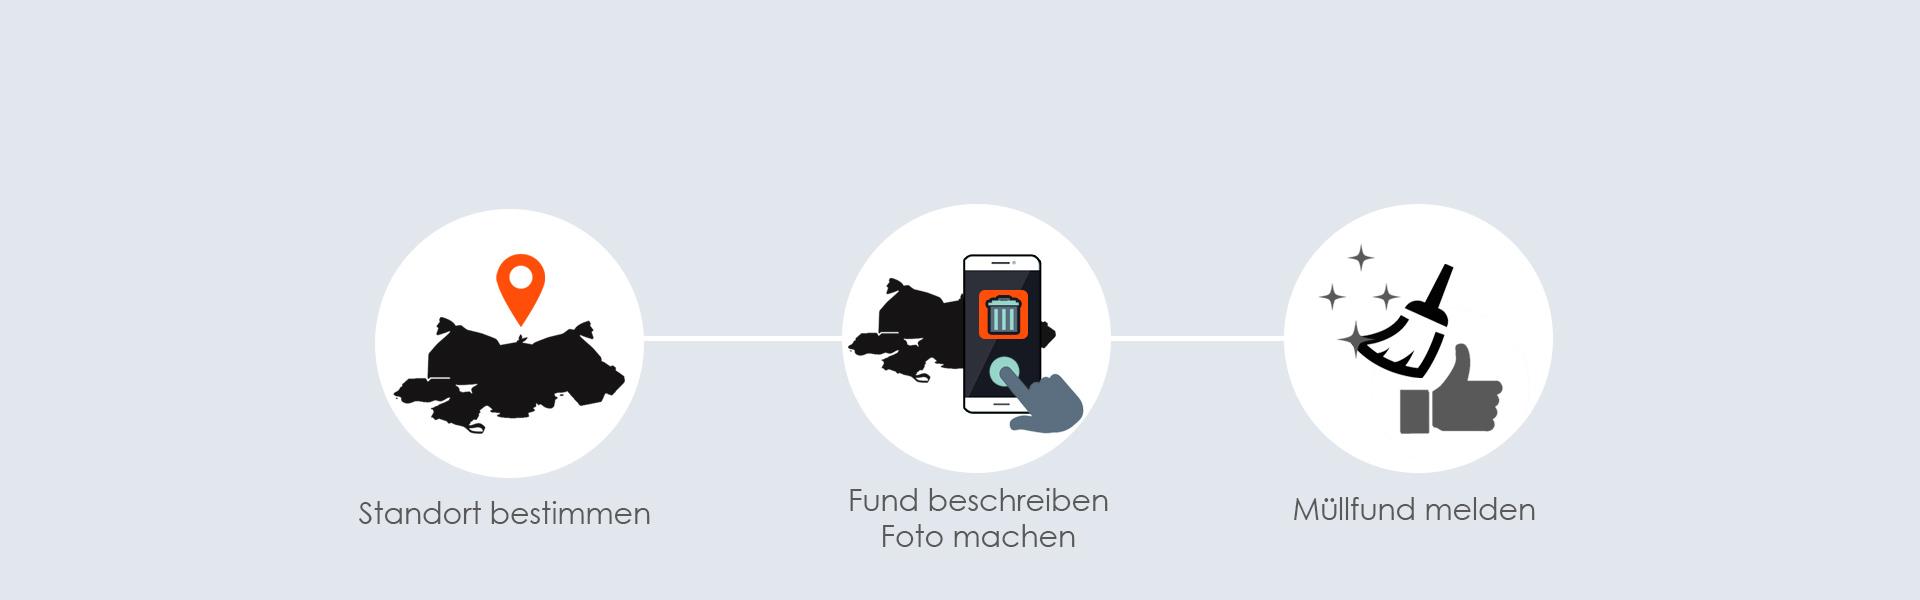 2 buerger meldung ©brain-SCC GmbH